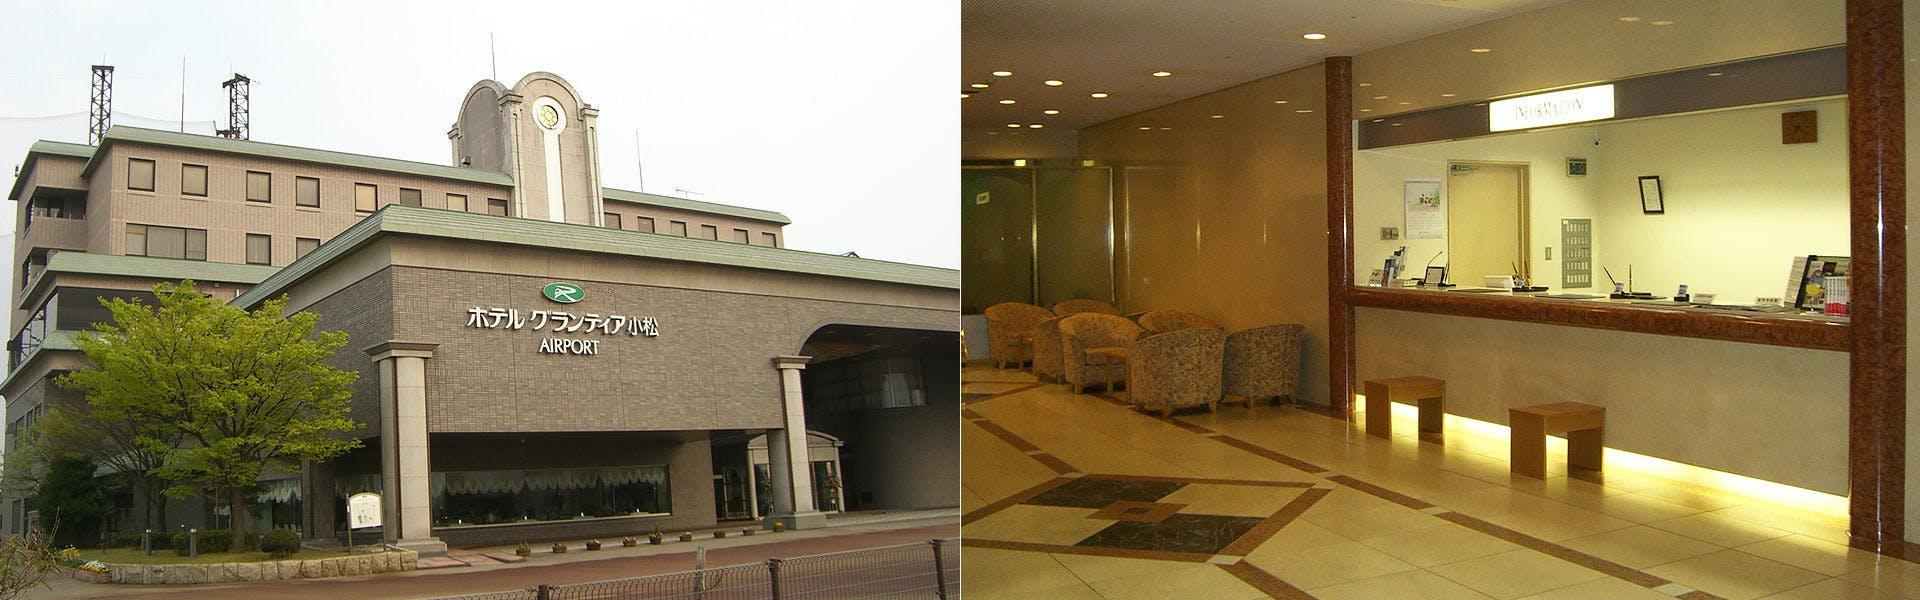 小松市のおすすめホテル・旅館 7選 宿泊予約は [一休.com]